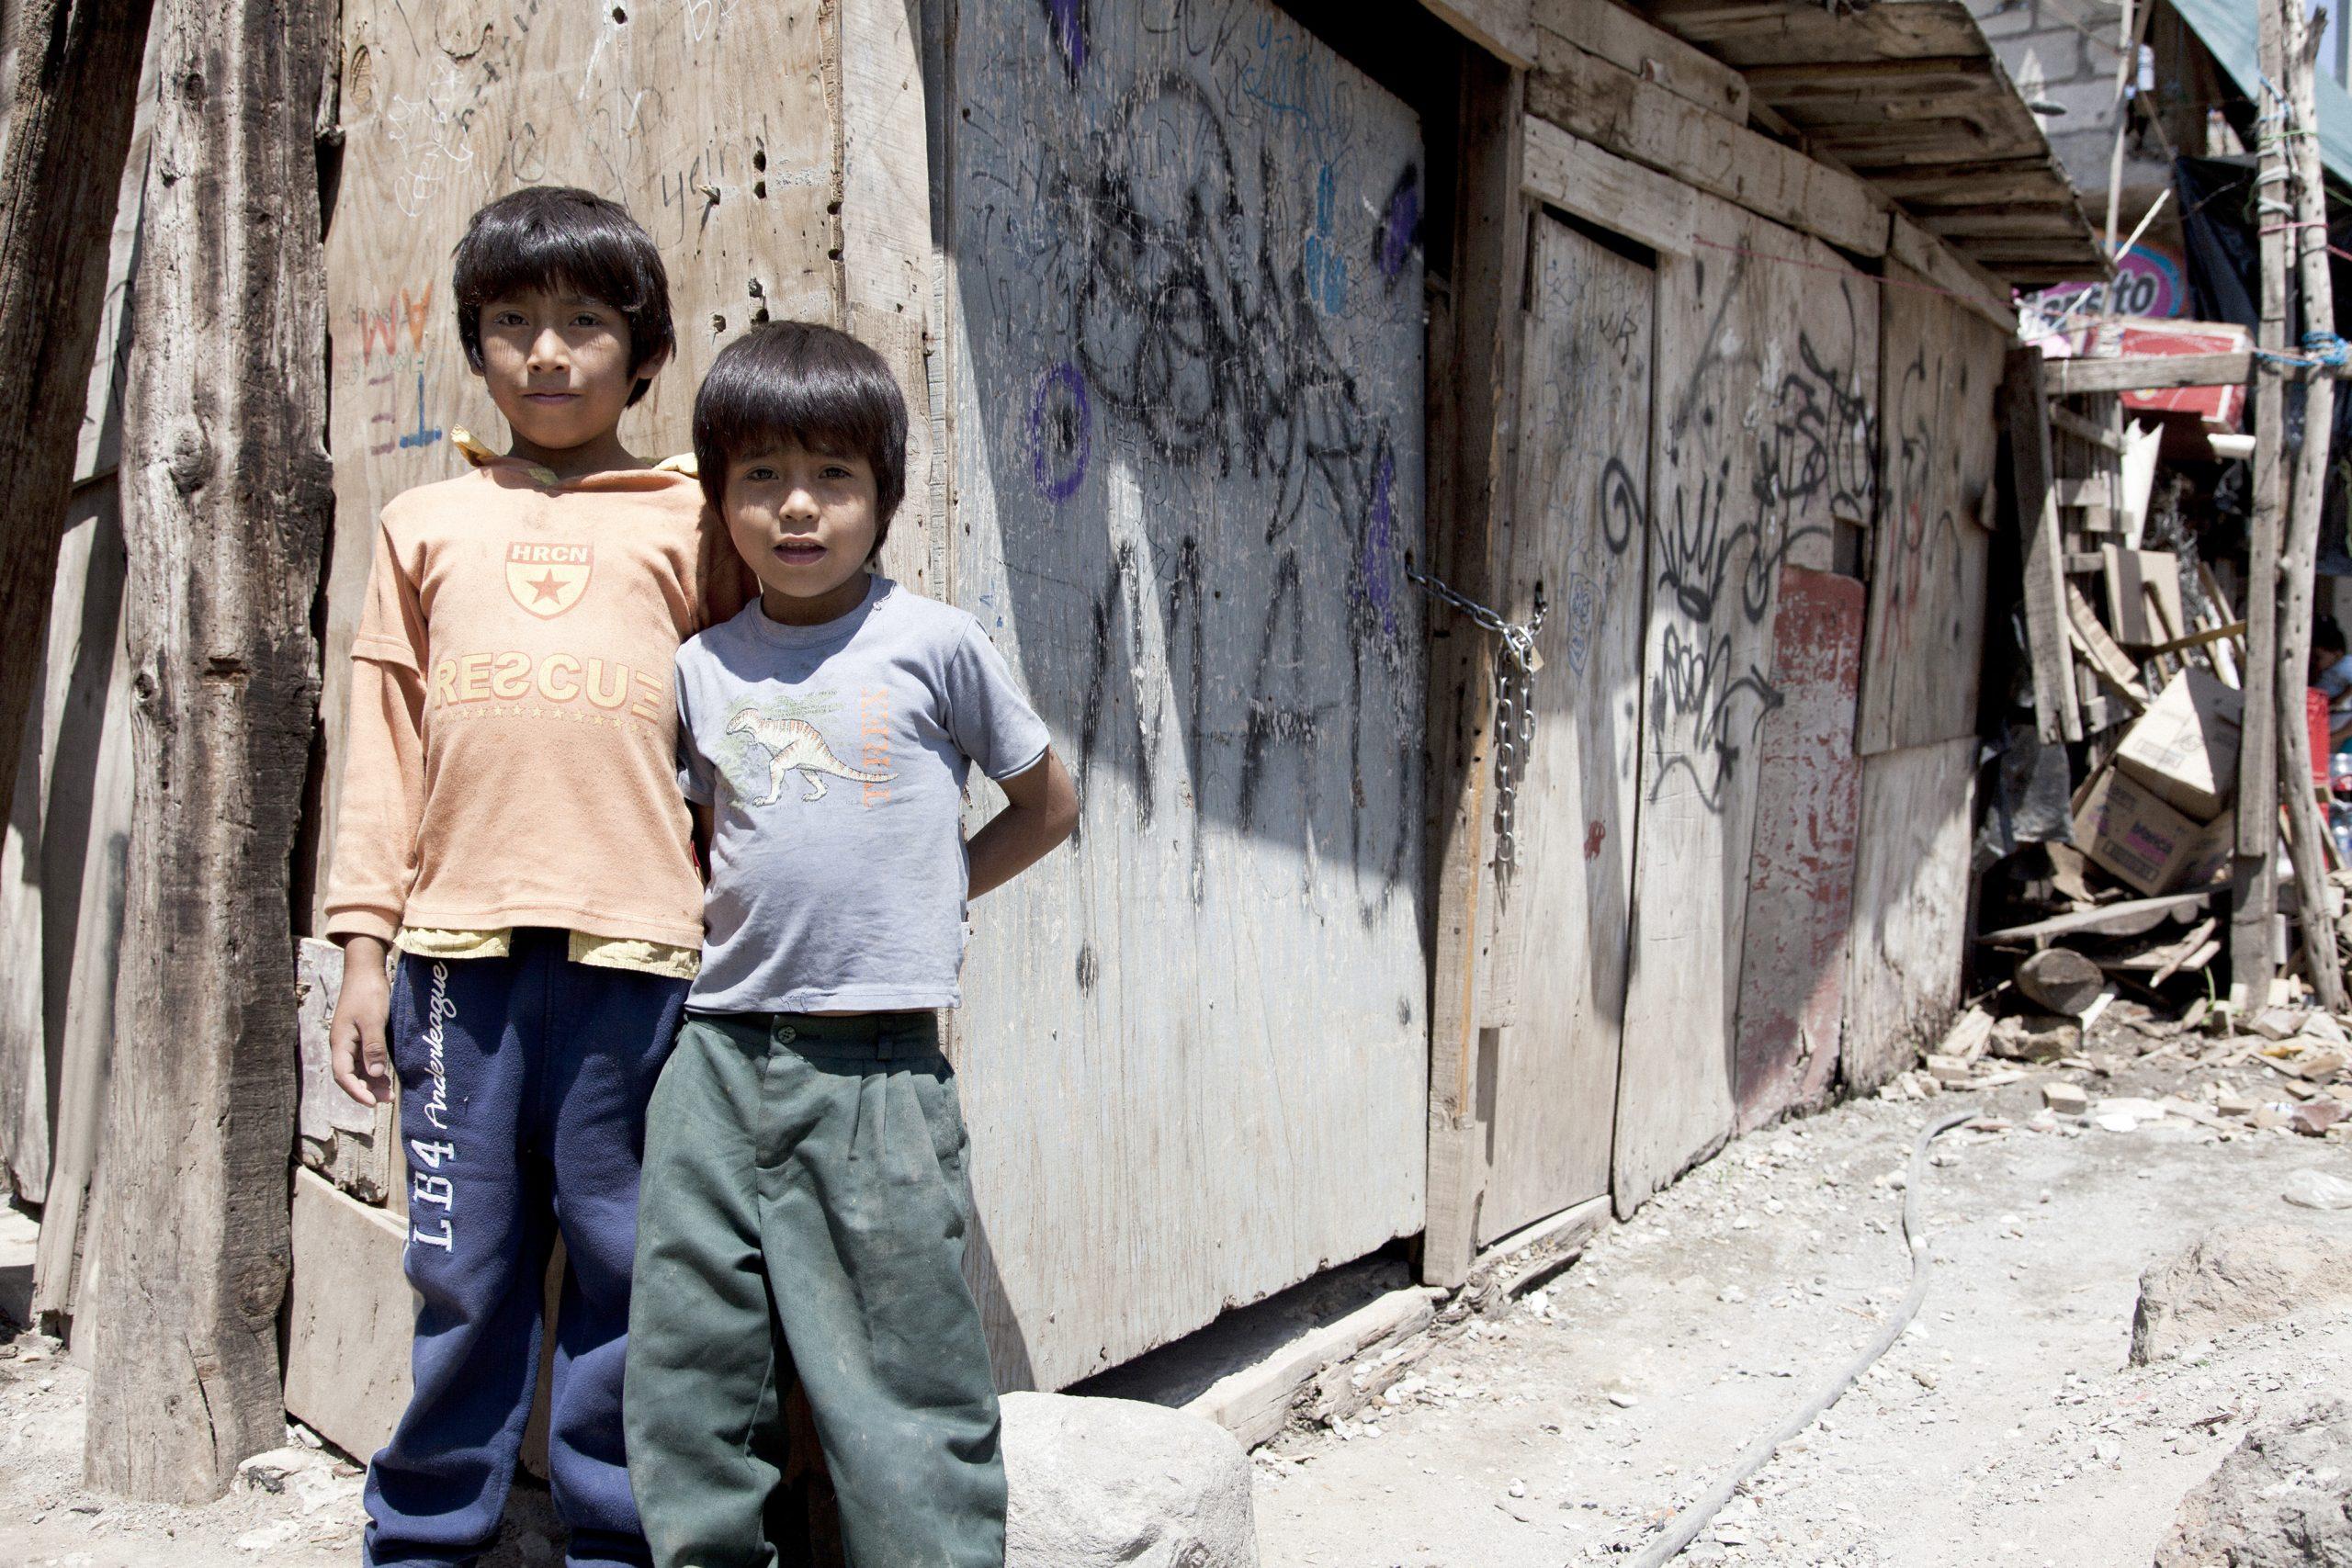 Pobreza infantil en América Latina -Dos niños empobrecidos en México